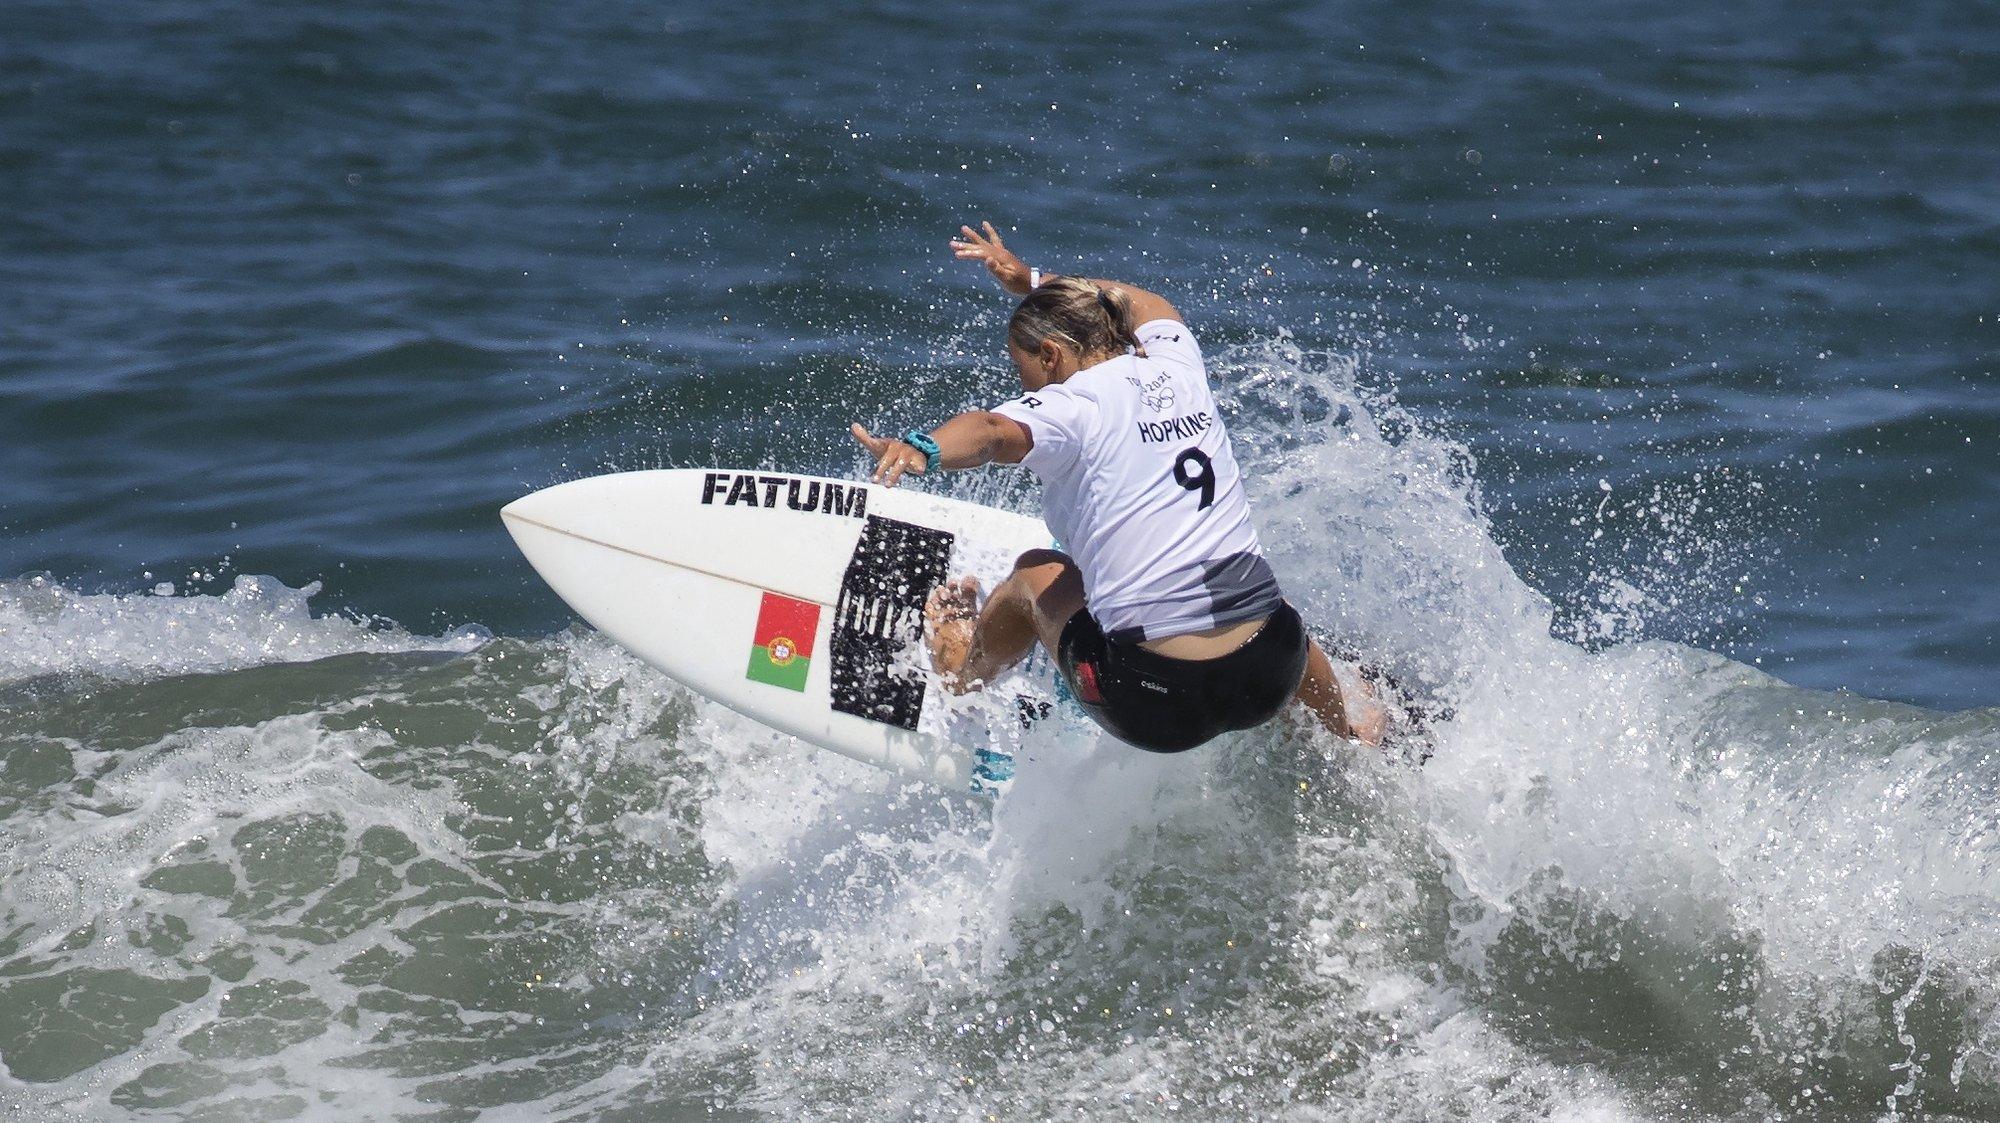 A portuguesa Yolanda Sequeira em ação na primeira ronda do surf olímpico de Tóquio2020, na praia de Tsurigasaki, em Chiba, a cerca de 100 quilómetros de Tóquio, Japão, 25 de julho de 2021.  Yolanda Sequeira foi hoje relegada para a repescagem na prova de surf feminino dos Jogos Olímpicos Tóquio202JOSÉ COELHO/LUSA